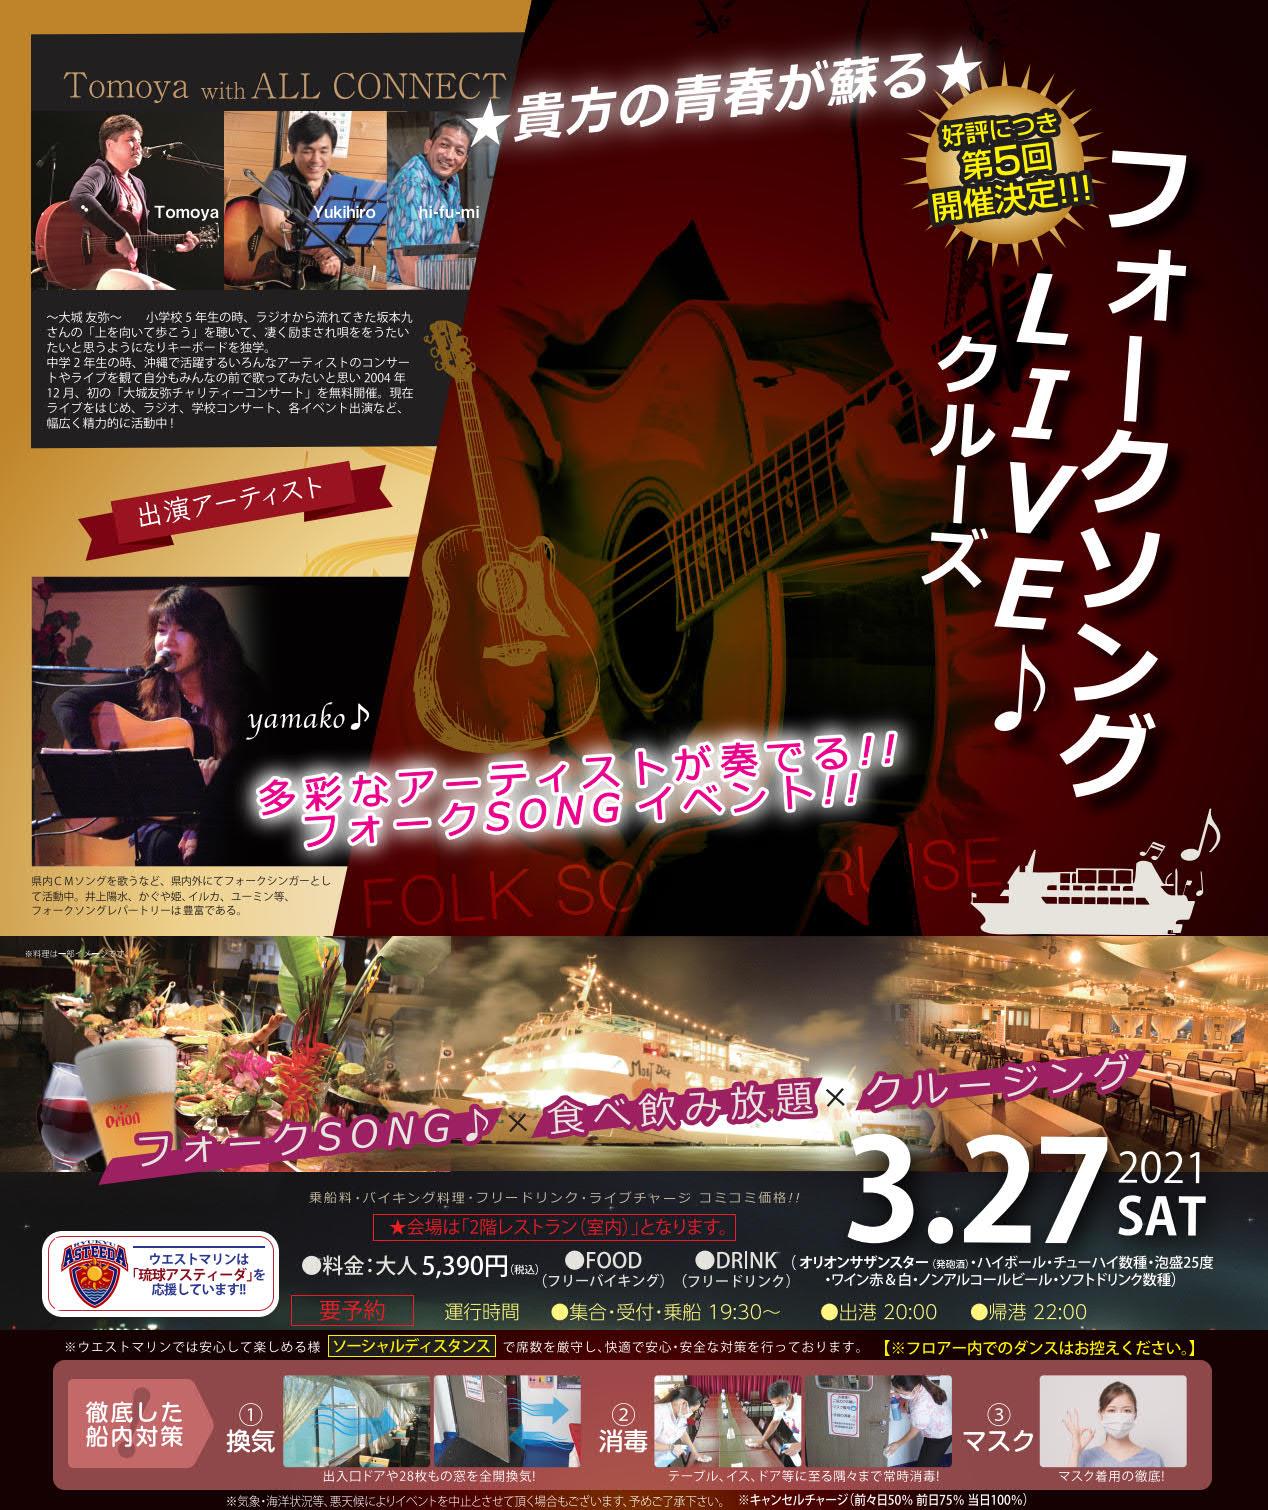 フォークソング ナイトクルーズ(バイキング料理&飲み放題付)2021年3/27(土)|沖縄 ディナークルーズ